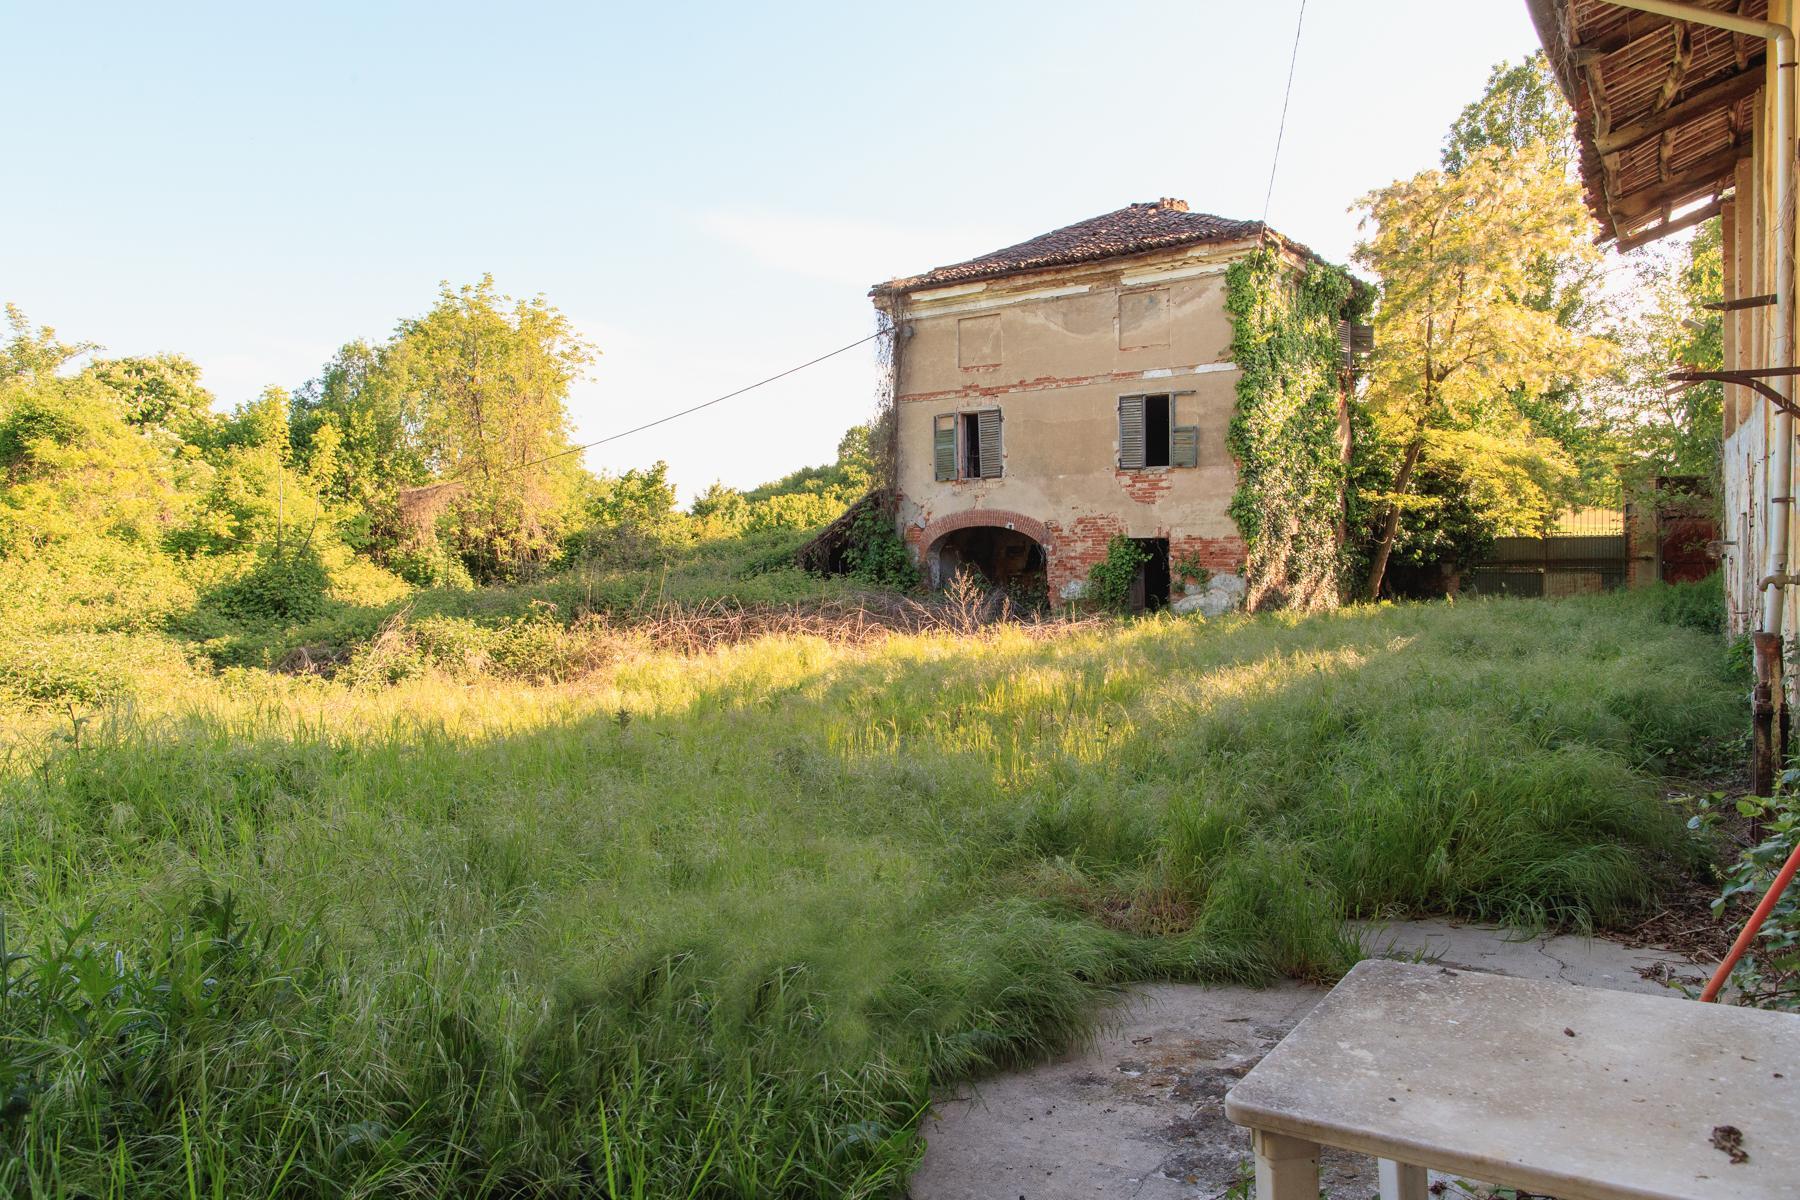 Antica cascina nella campagna torinese - 2